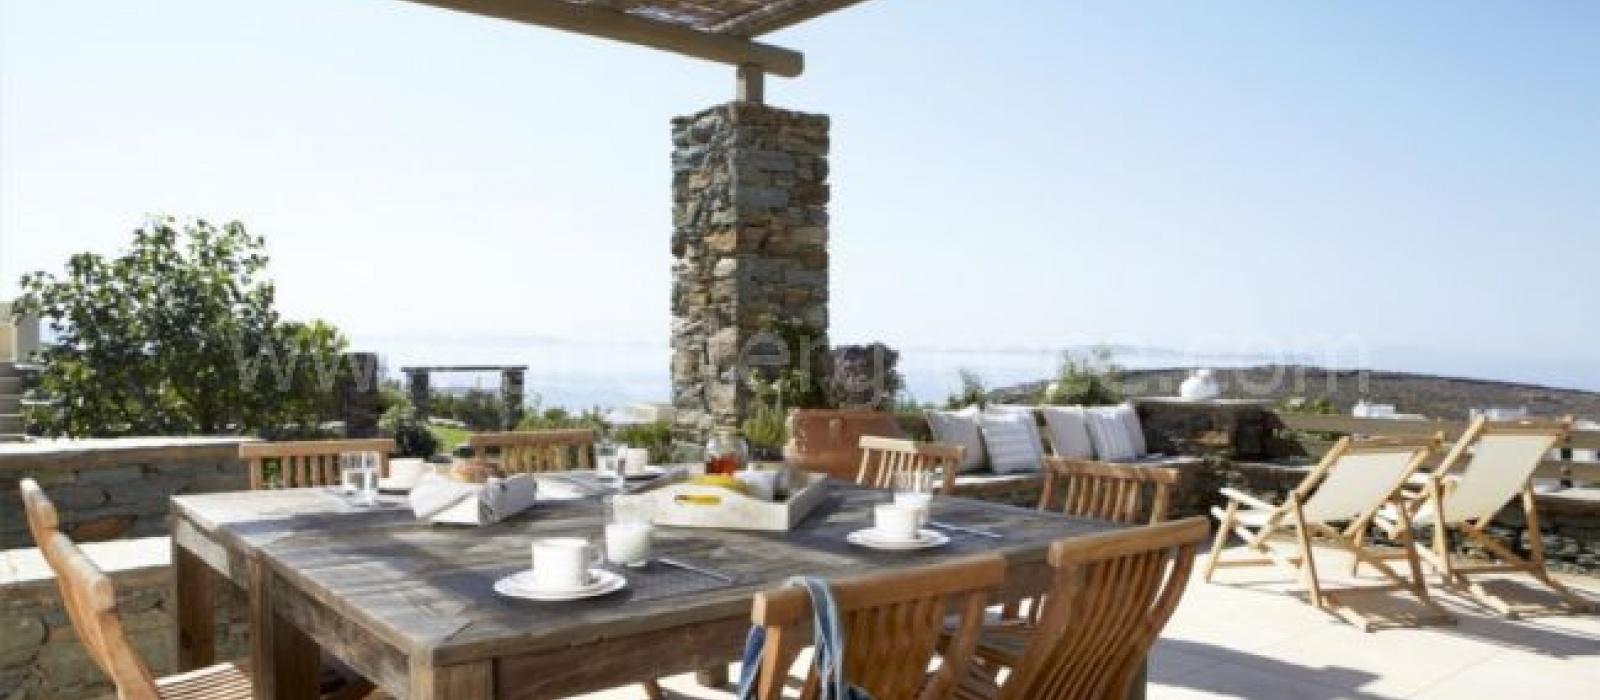 4 Bedrooms, Villa, Vacation Rental, 3 Bathrooms, Listing ID 1227, Tinos, Greece,